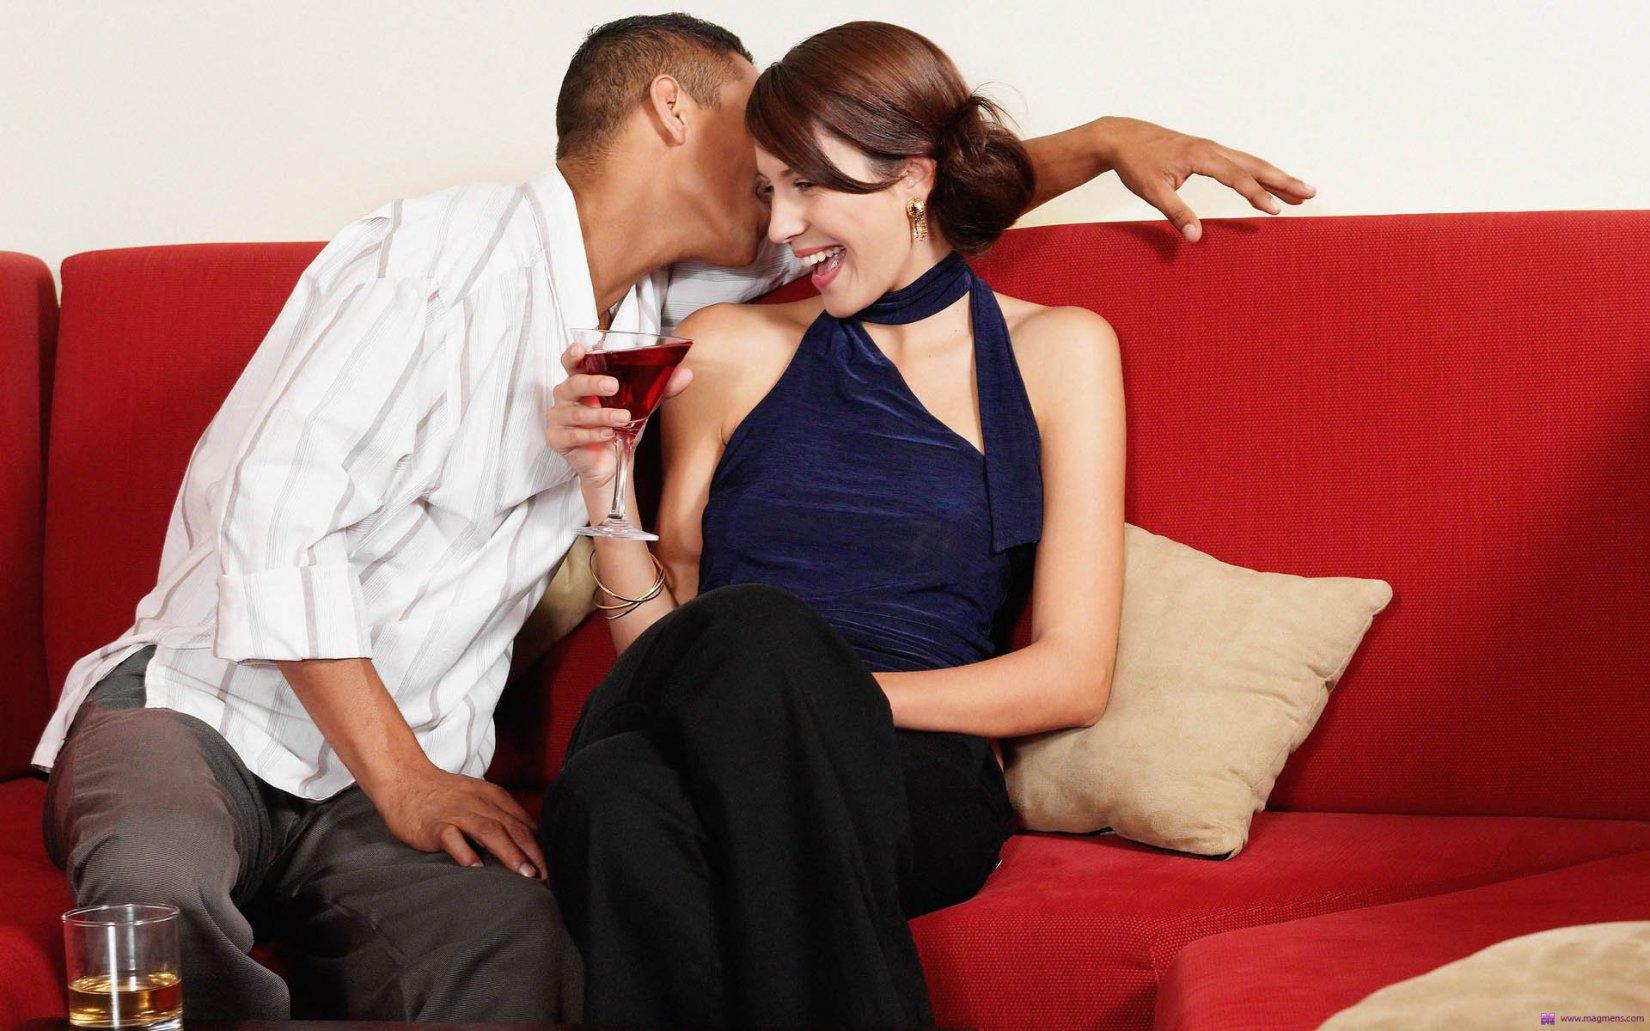 Сексуальный комплемент девушке 9 фотография